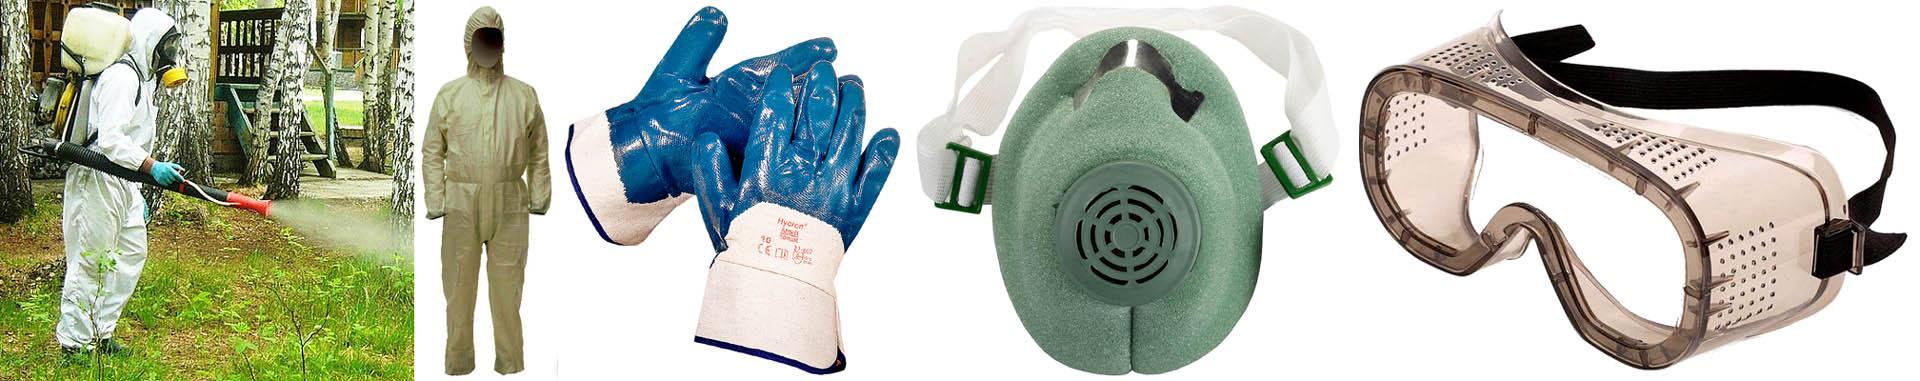 Средства индивидуальной защиты для работы с гербицидом Фюзилад